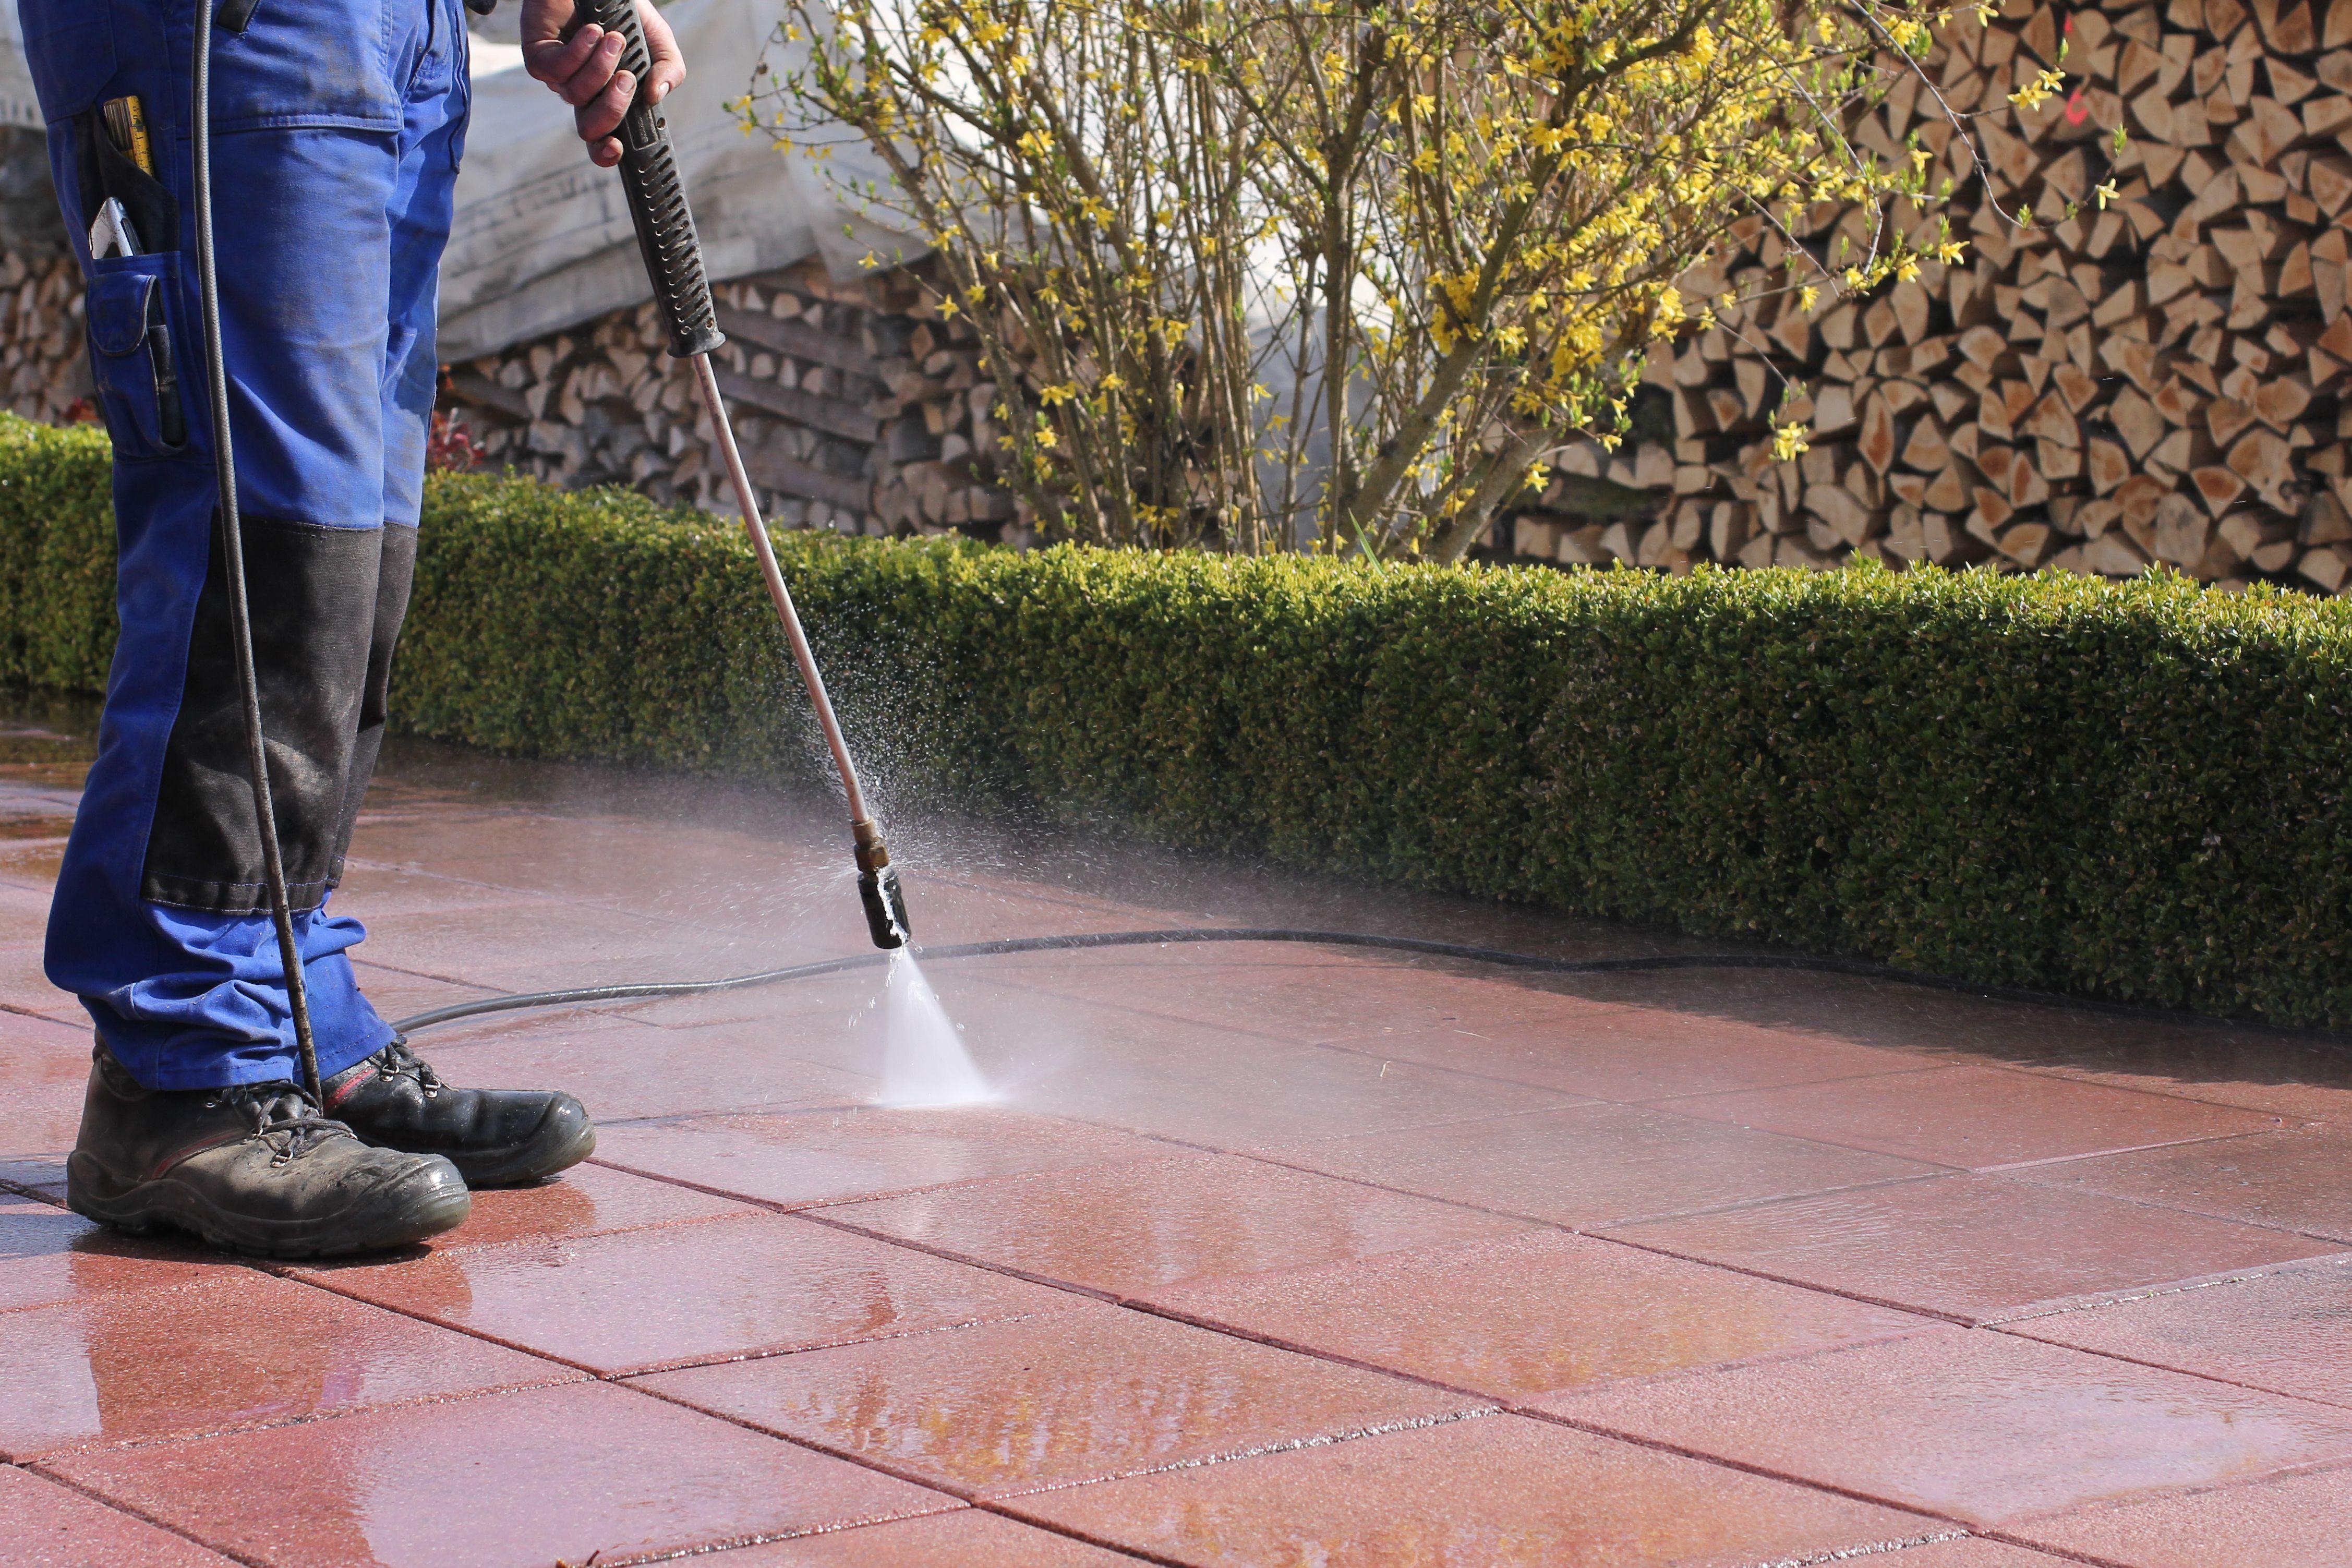 Mantenimiento: Nuestros Servicios de Olisan Limpiezas Integrales